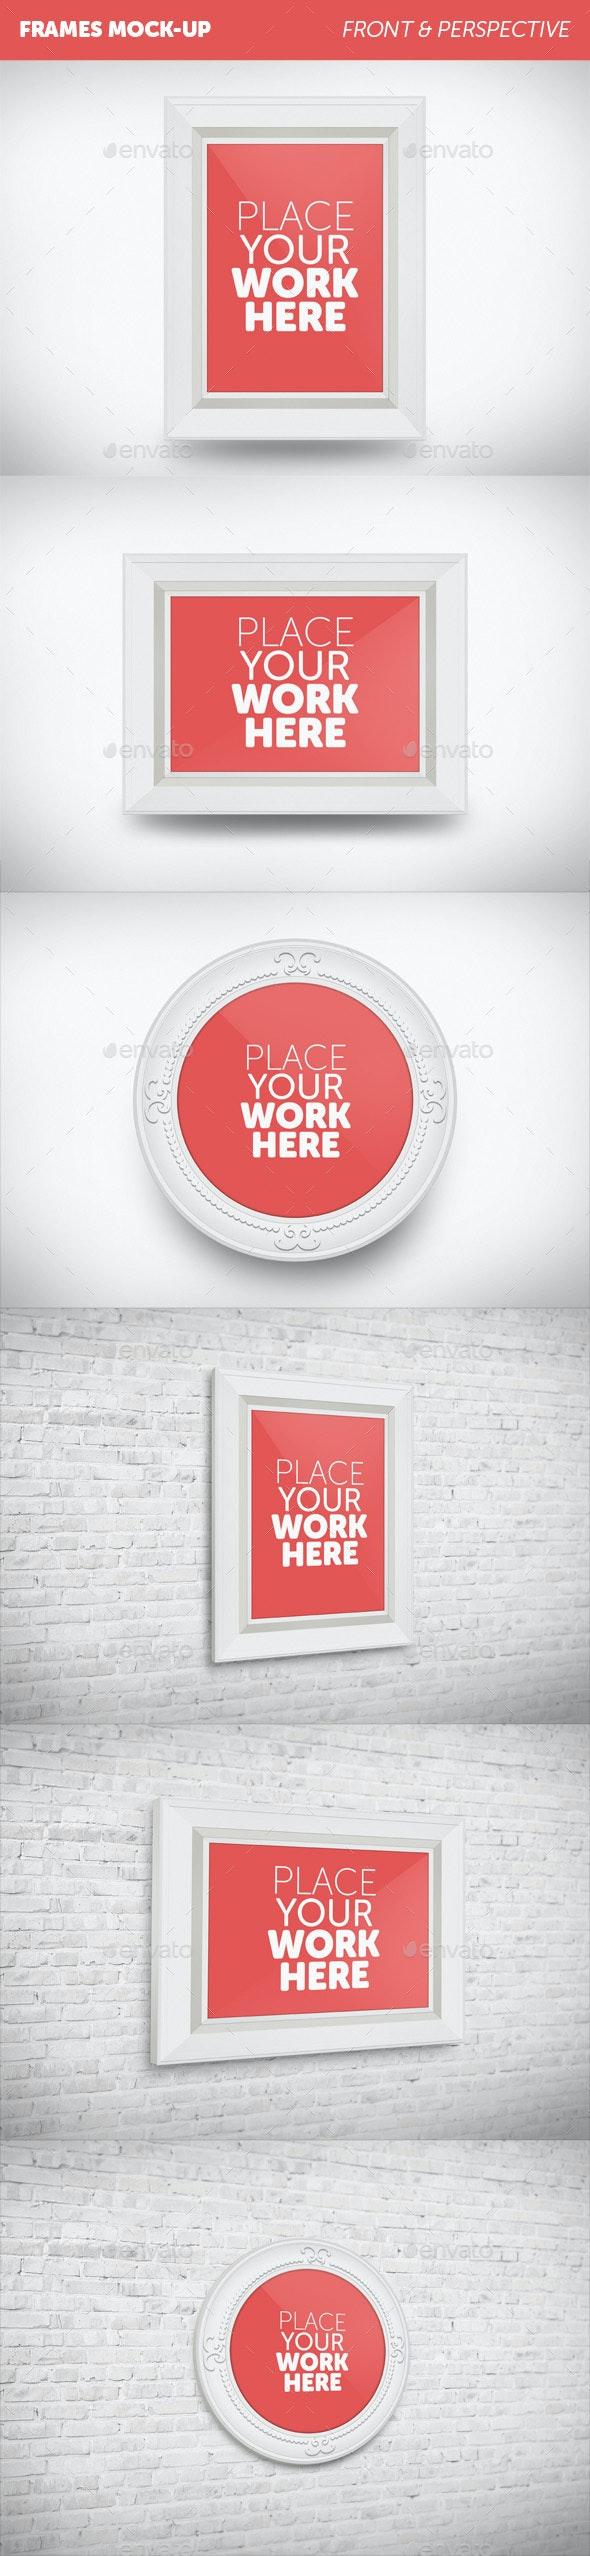 Frames Mock-Up - Product Mock-Ups Graphics